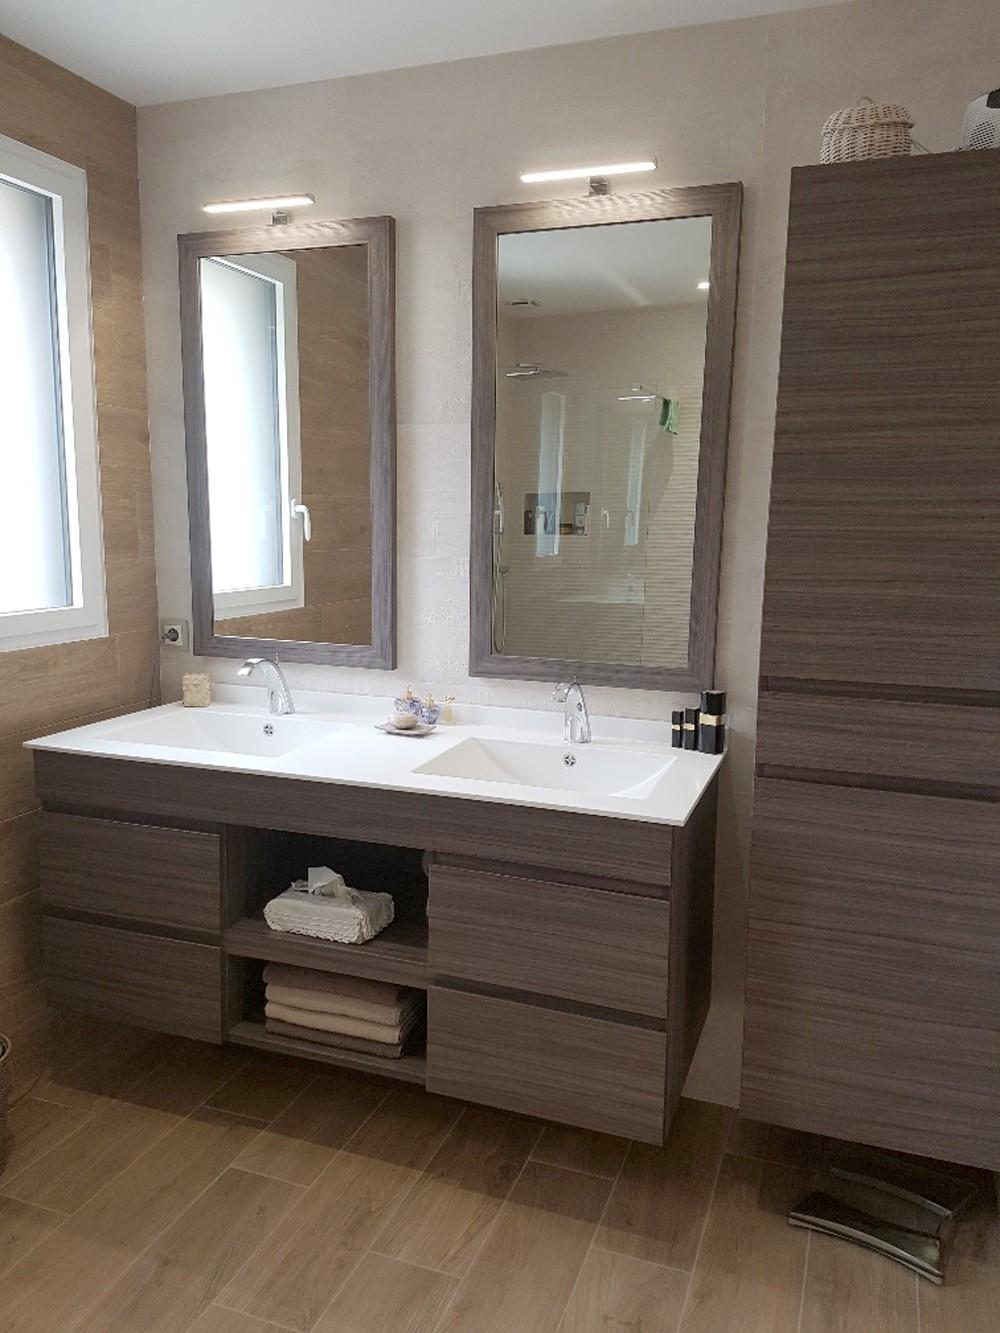 Salle de bain avec vasques en résine